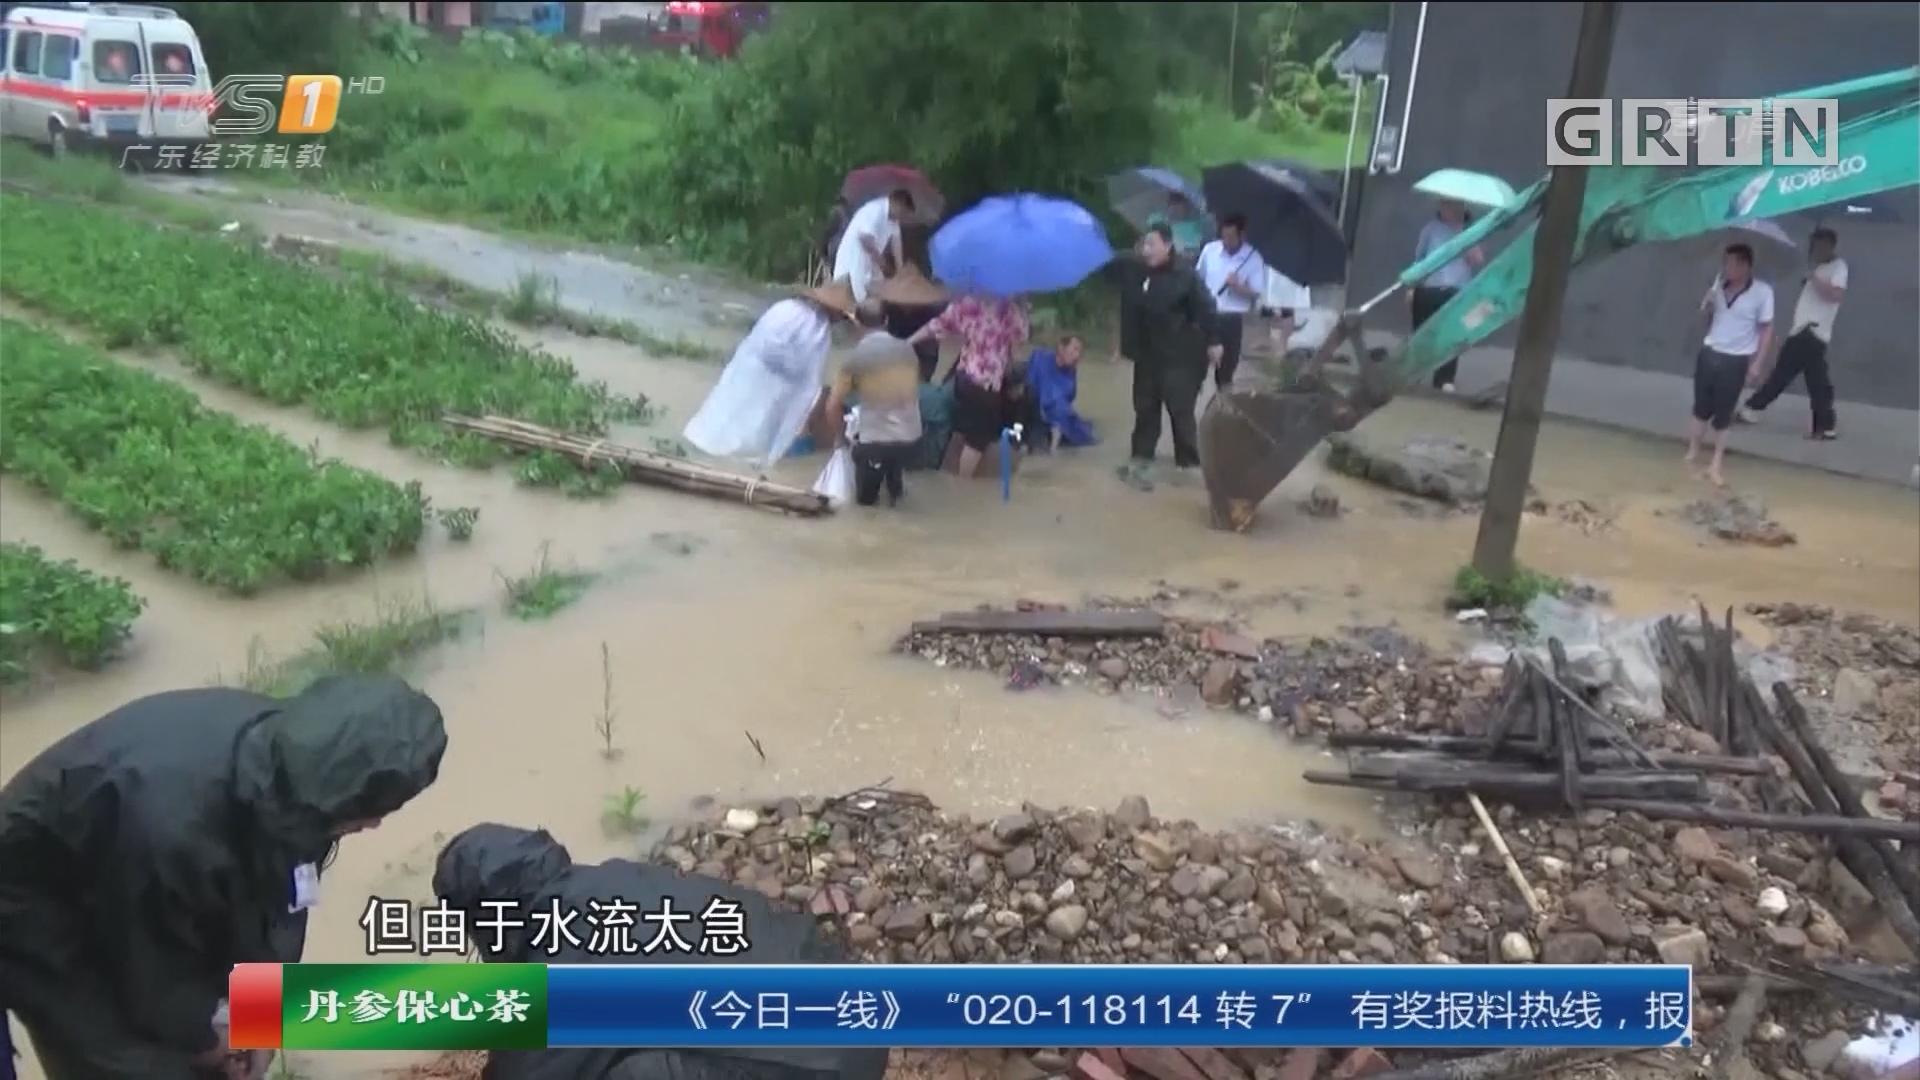 惠州龙门:老人被卡下水道 三次施援救出